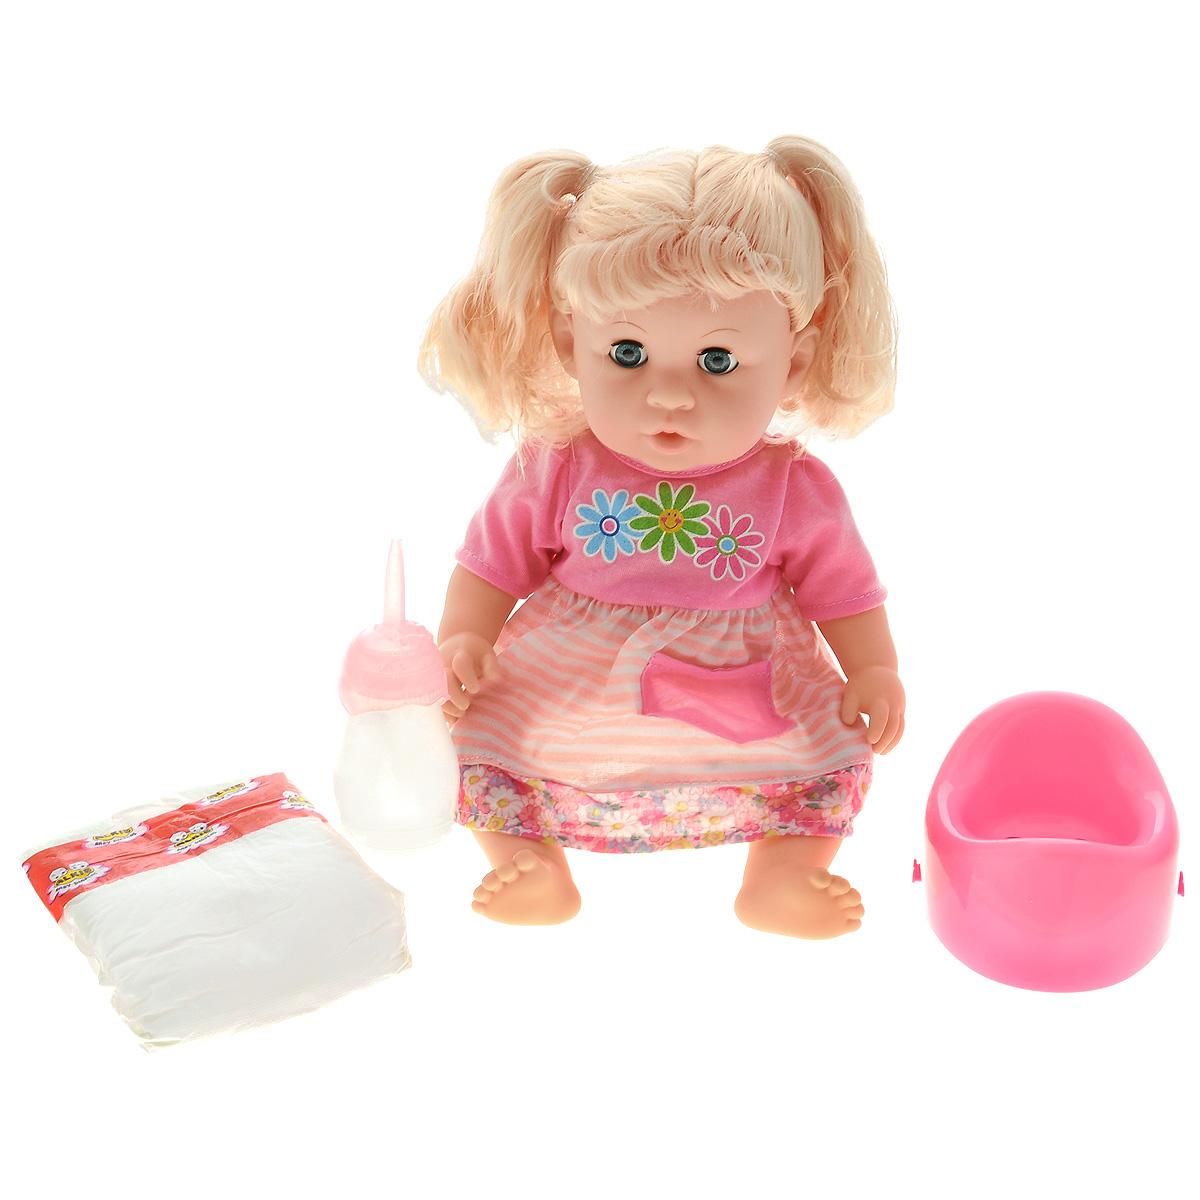 Mary Poppins Кукла Мила452026Кукла Мила Mary Poppins отлично подойдет для игры в дочки-матери. Ведь эта кукла выглядит, как настоящий ребенок. У нее голубые глаза, которые открываются и закрываются. Голова, ручки и ножки подвижны, что позволяет придавать ей разнообразные позы. Вашей дочурке непременно понравится заплетать длинные белокурые волосы куклы, придумывая разнообразные прически. А играя с ней, ваша малышка учится заботе и многим бытовым навыкам. Кукла одета в чудесное платье розового цвета, умеет пить из бутылочки и писать на горшок. В комплект входят: кукла, горшок, бутылочка, подгузник. Кукла с аксессуарами поставляется в удобном прозрачном рюкзачке, игровой набор можно взять с собой в поездку или на прогулку. Порадуйте своего ребенка таким замечательным подарком.